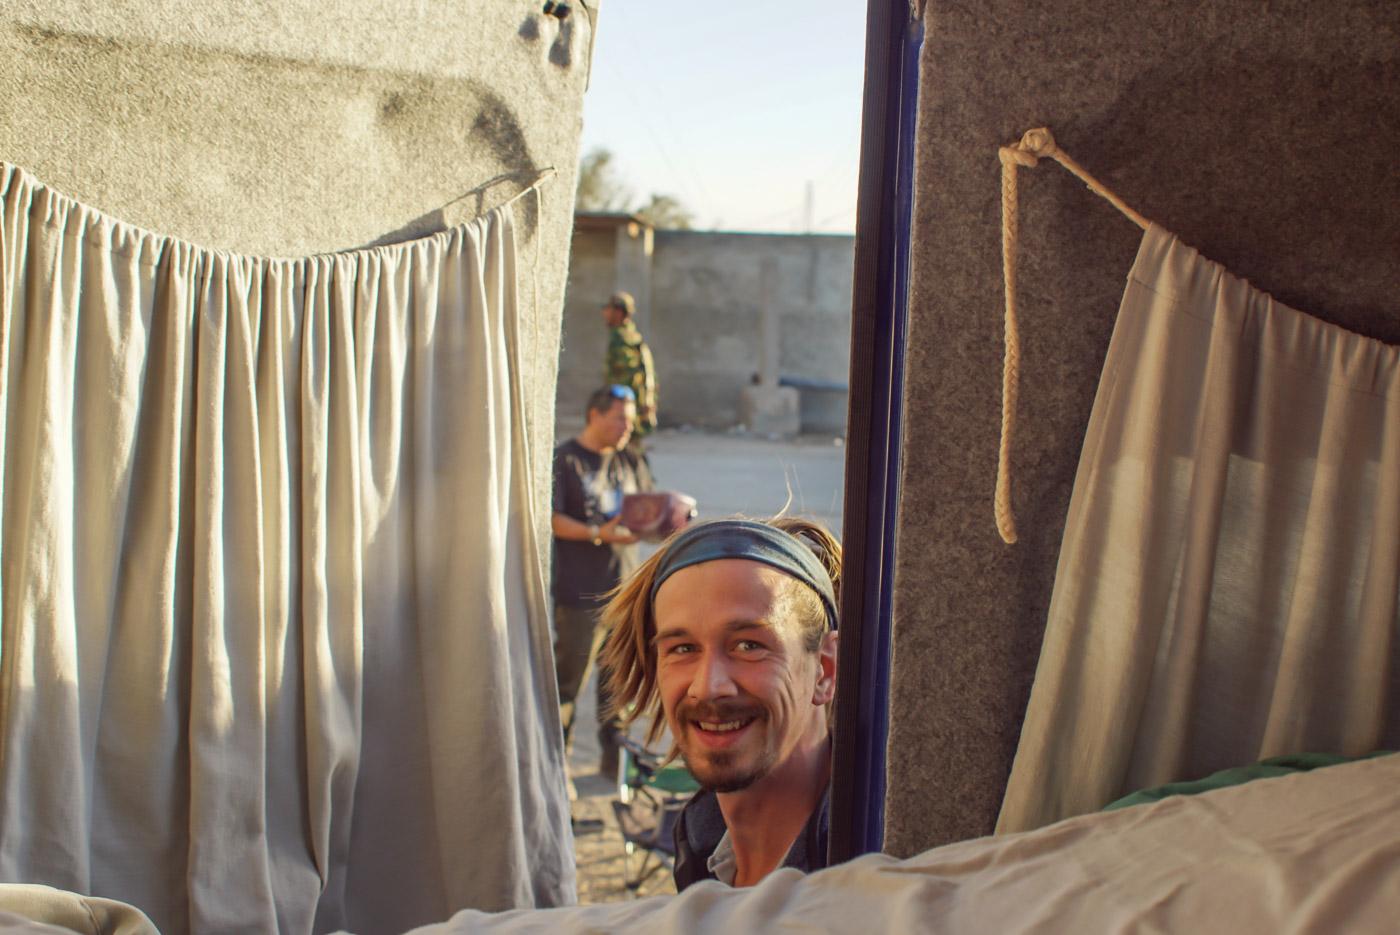 Paul öffnet gerade die Hecktür unseres Autos und schaut lächelnd hinein, im Hintergrund sieht man einen unserer Levie's in Camouflage vorbeilaufen